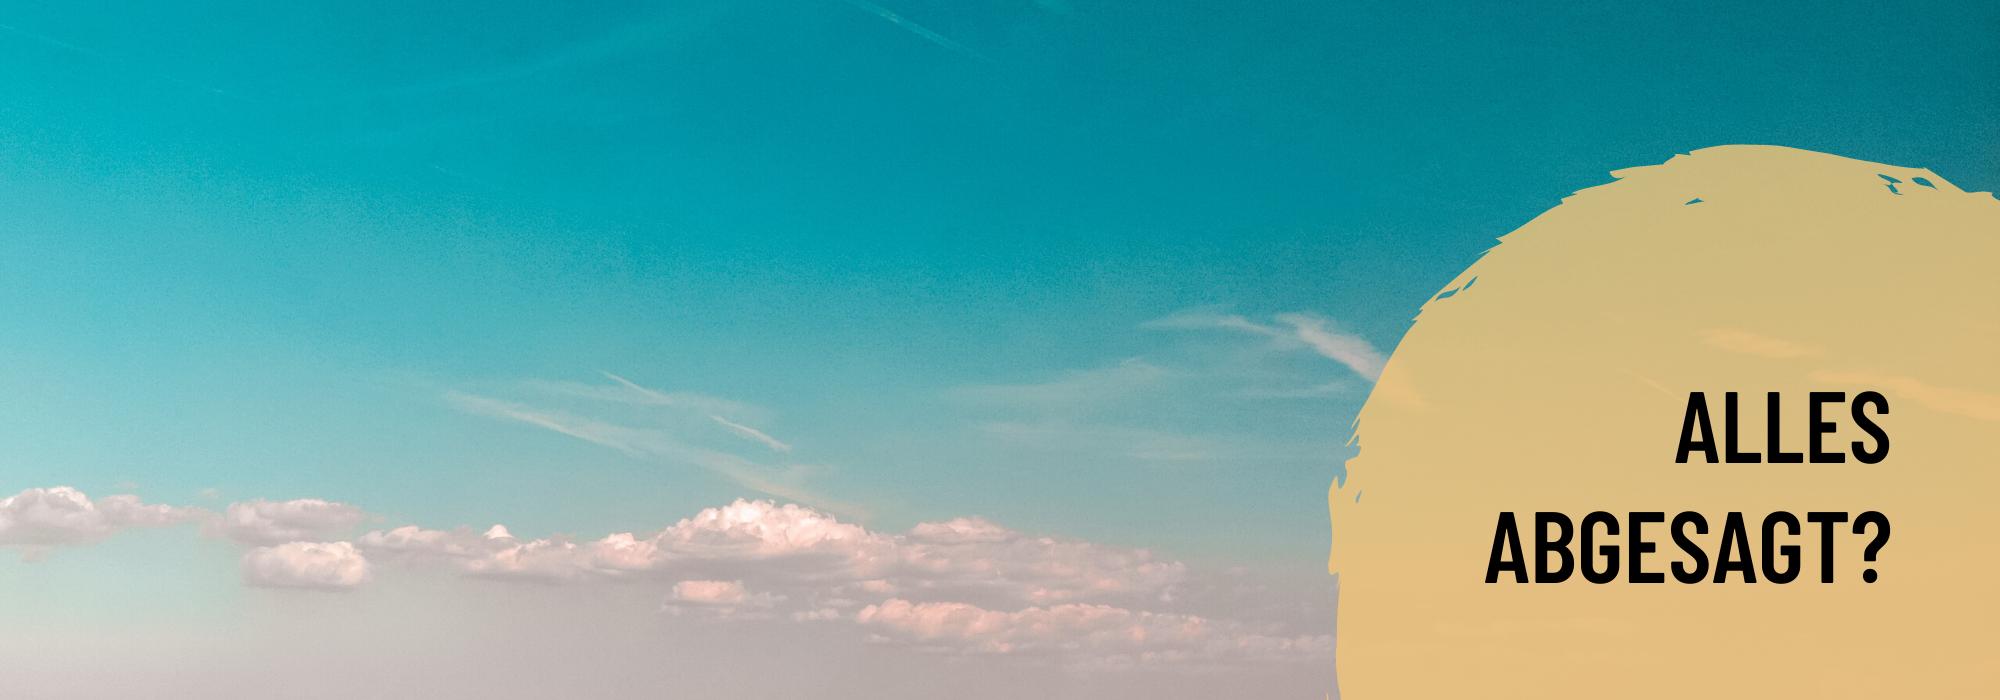 Head Nicht allein Corona1 - Nicht alles abgesagt